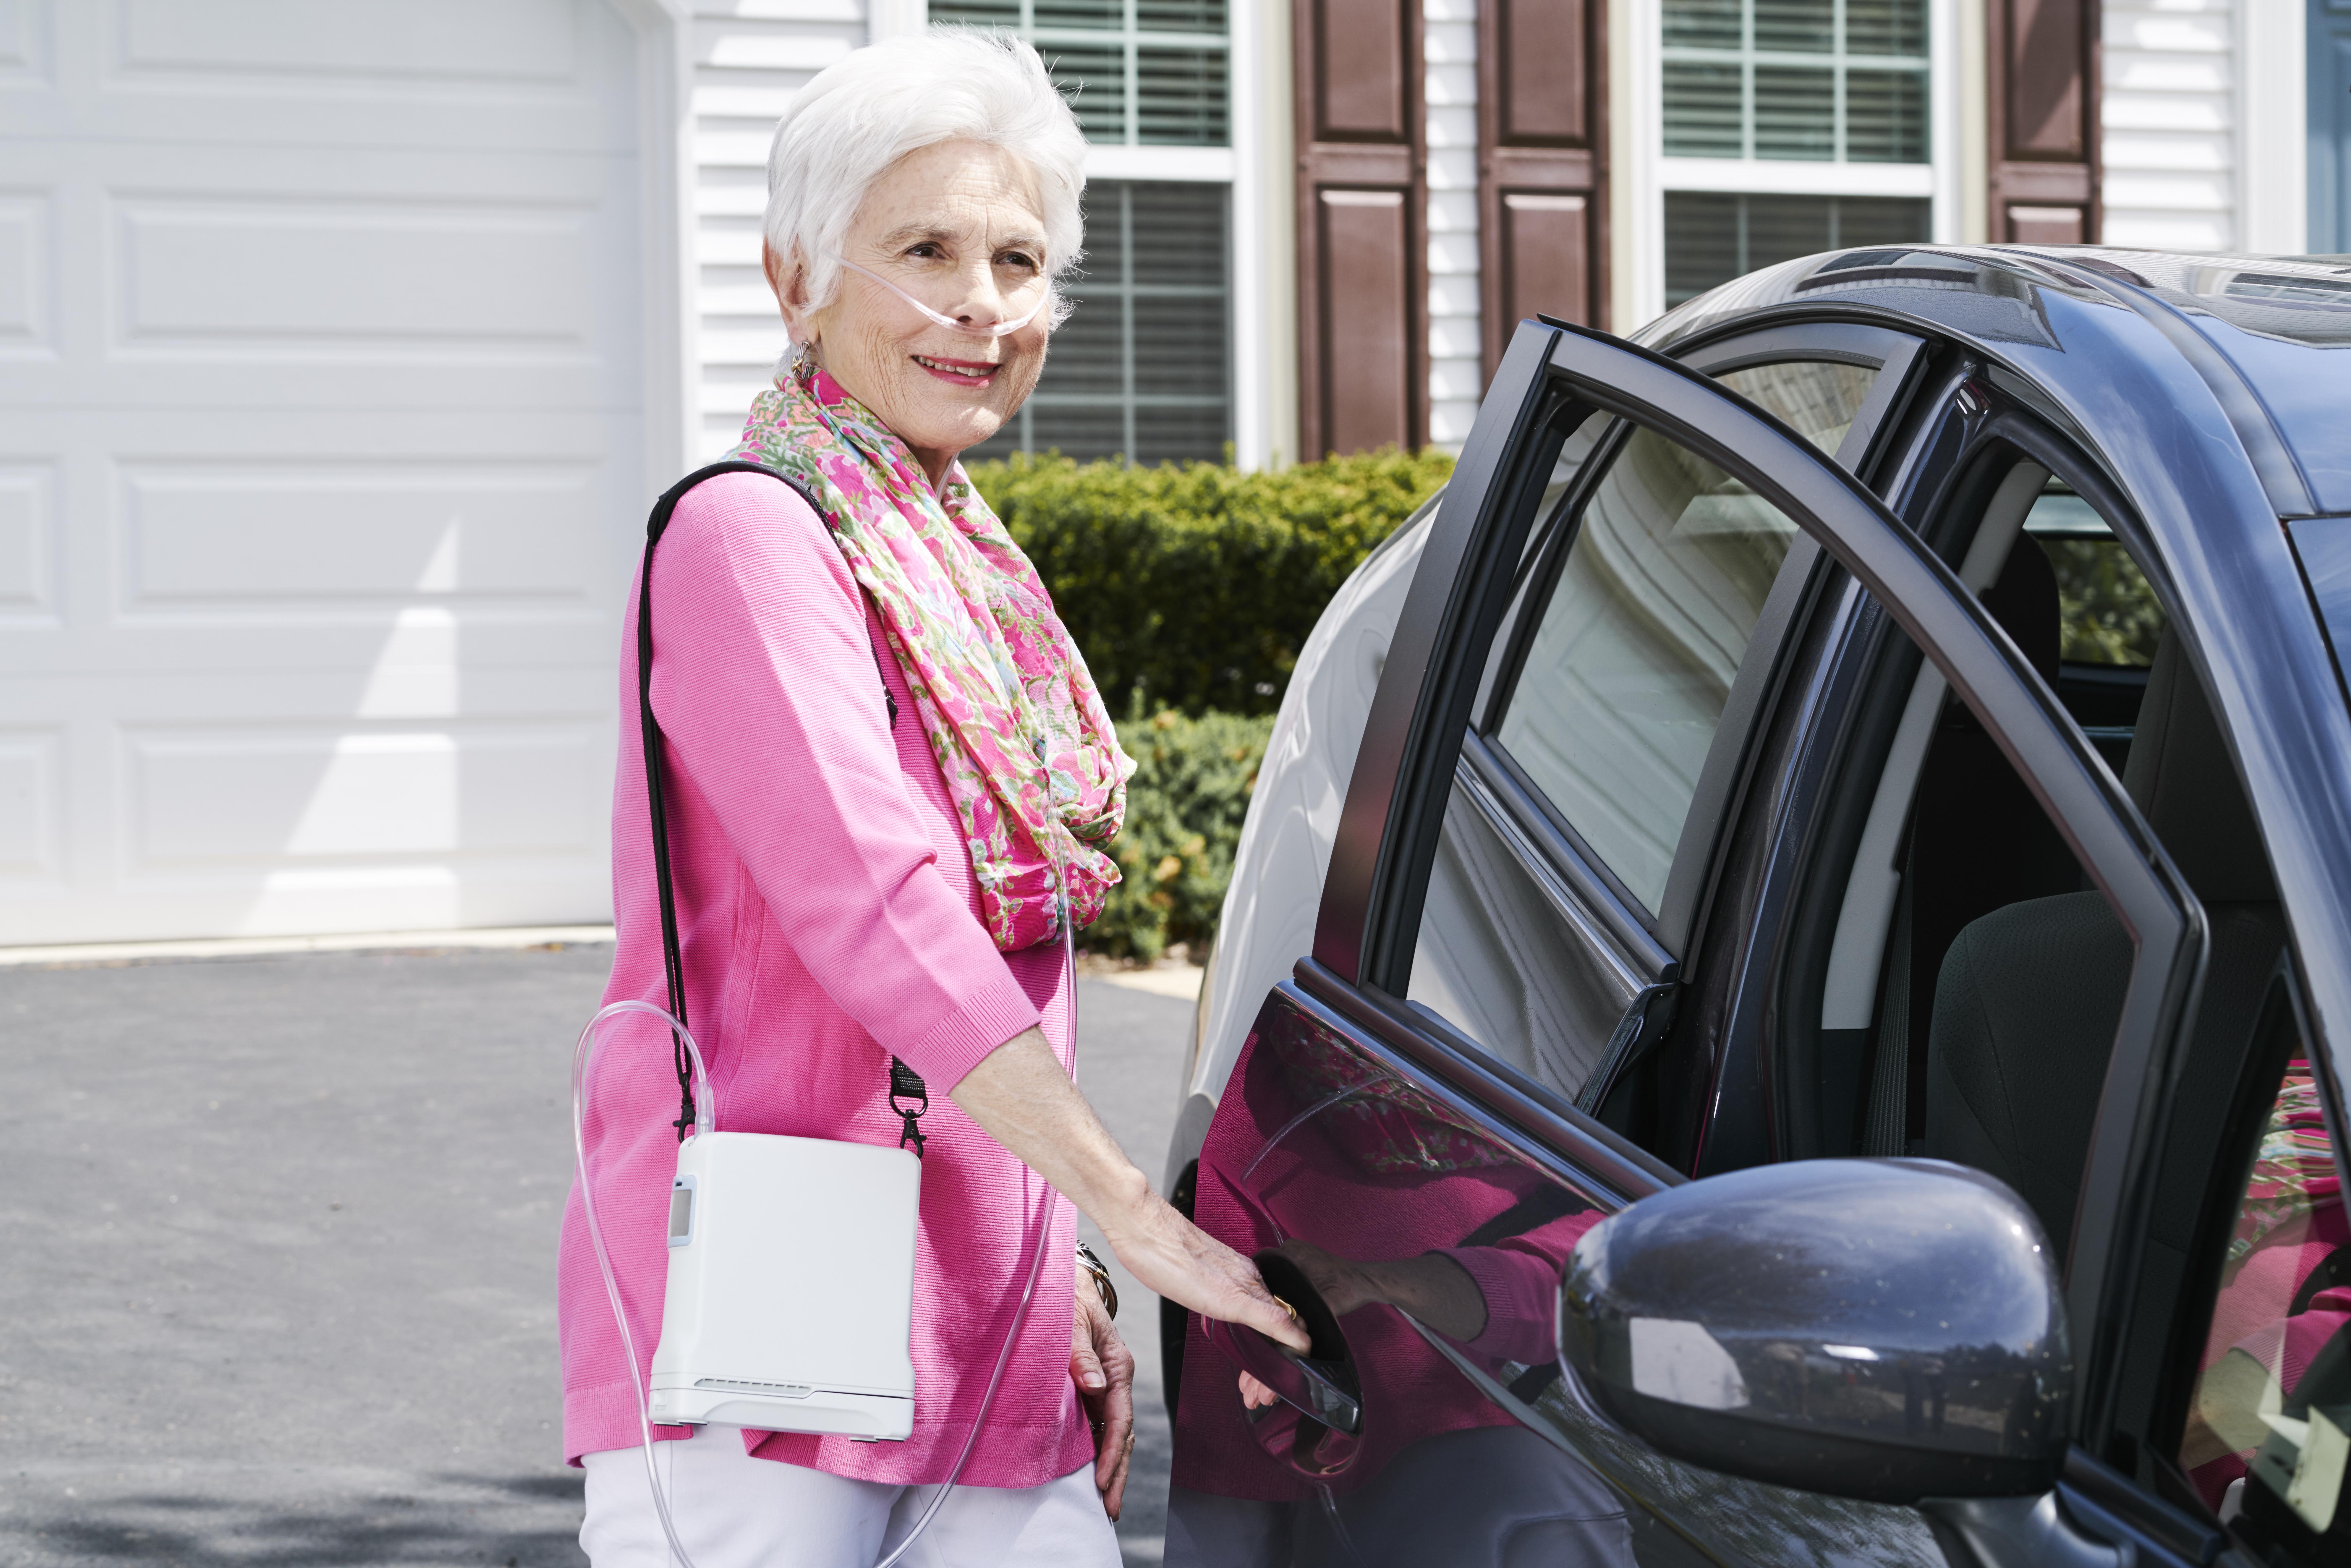 Inogen G4 Lady In Pink by Car.jpg